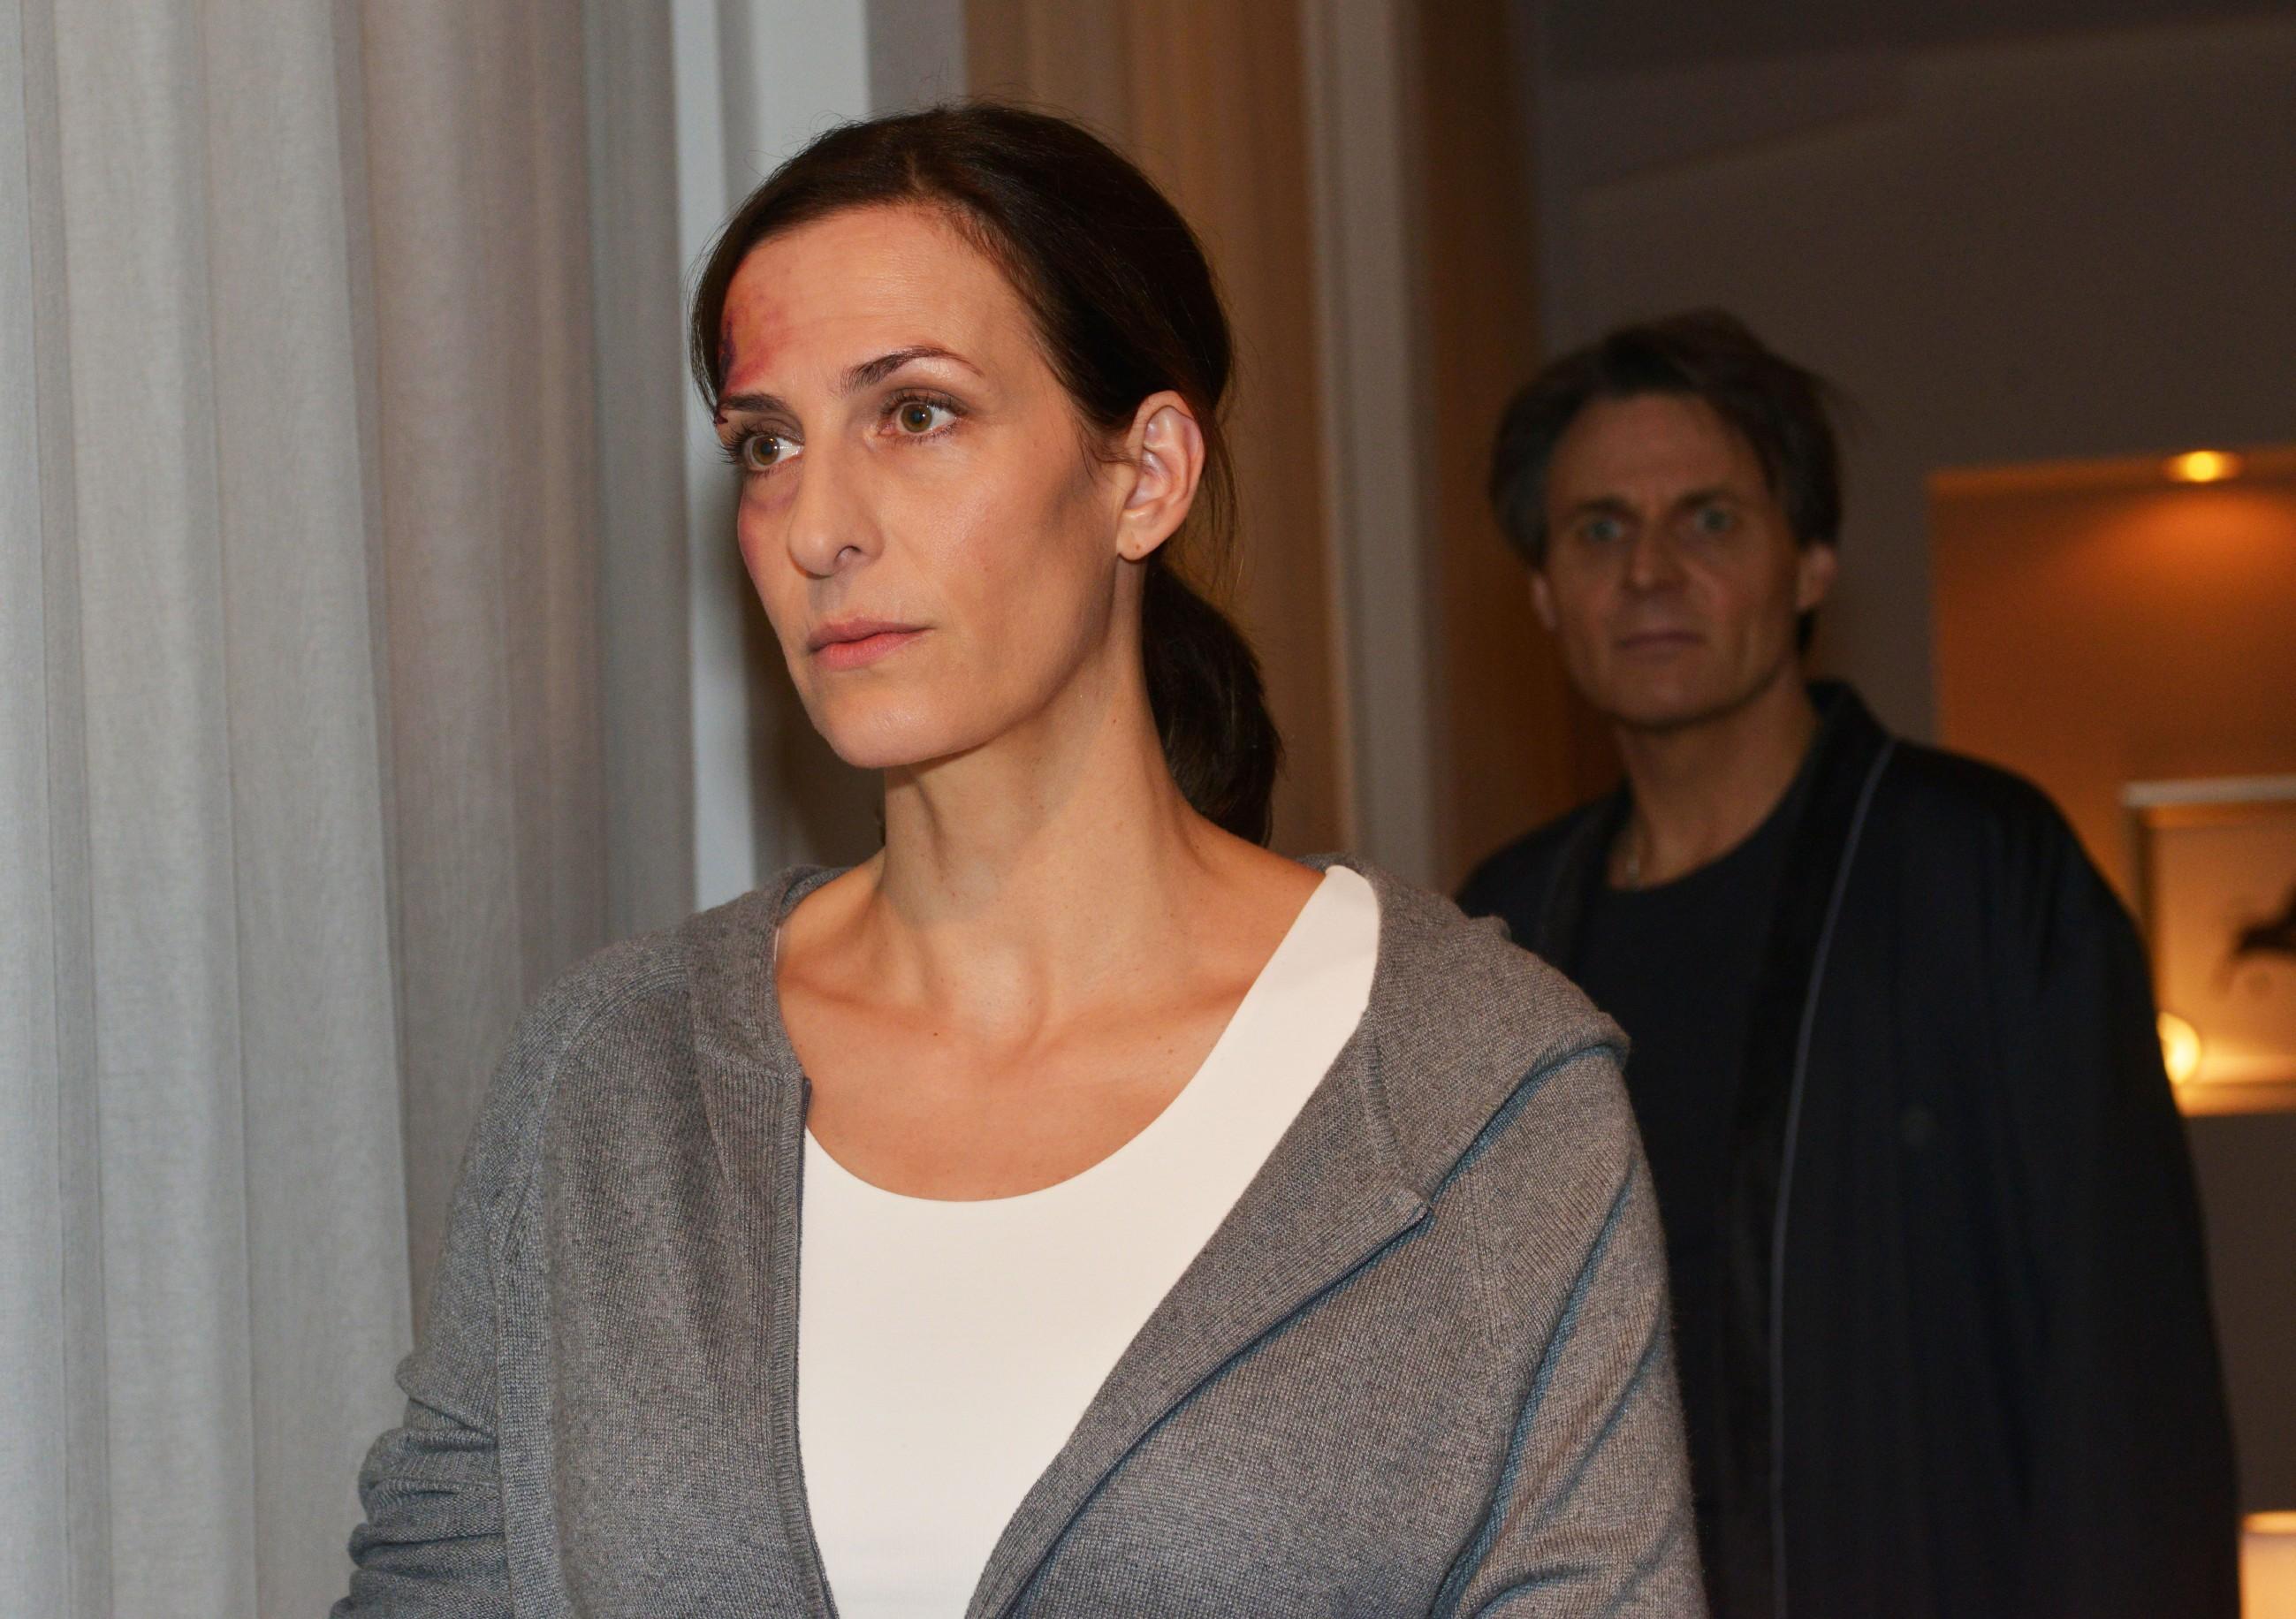 Nur widerwillig lässt sich Katrin (Ulrike Frank) von Gerner (Wolfgang Bahro) eine Zwangspause verordnen. (Quelle: RTL / Rolf Baumgartner)